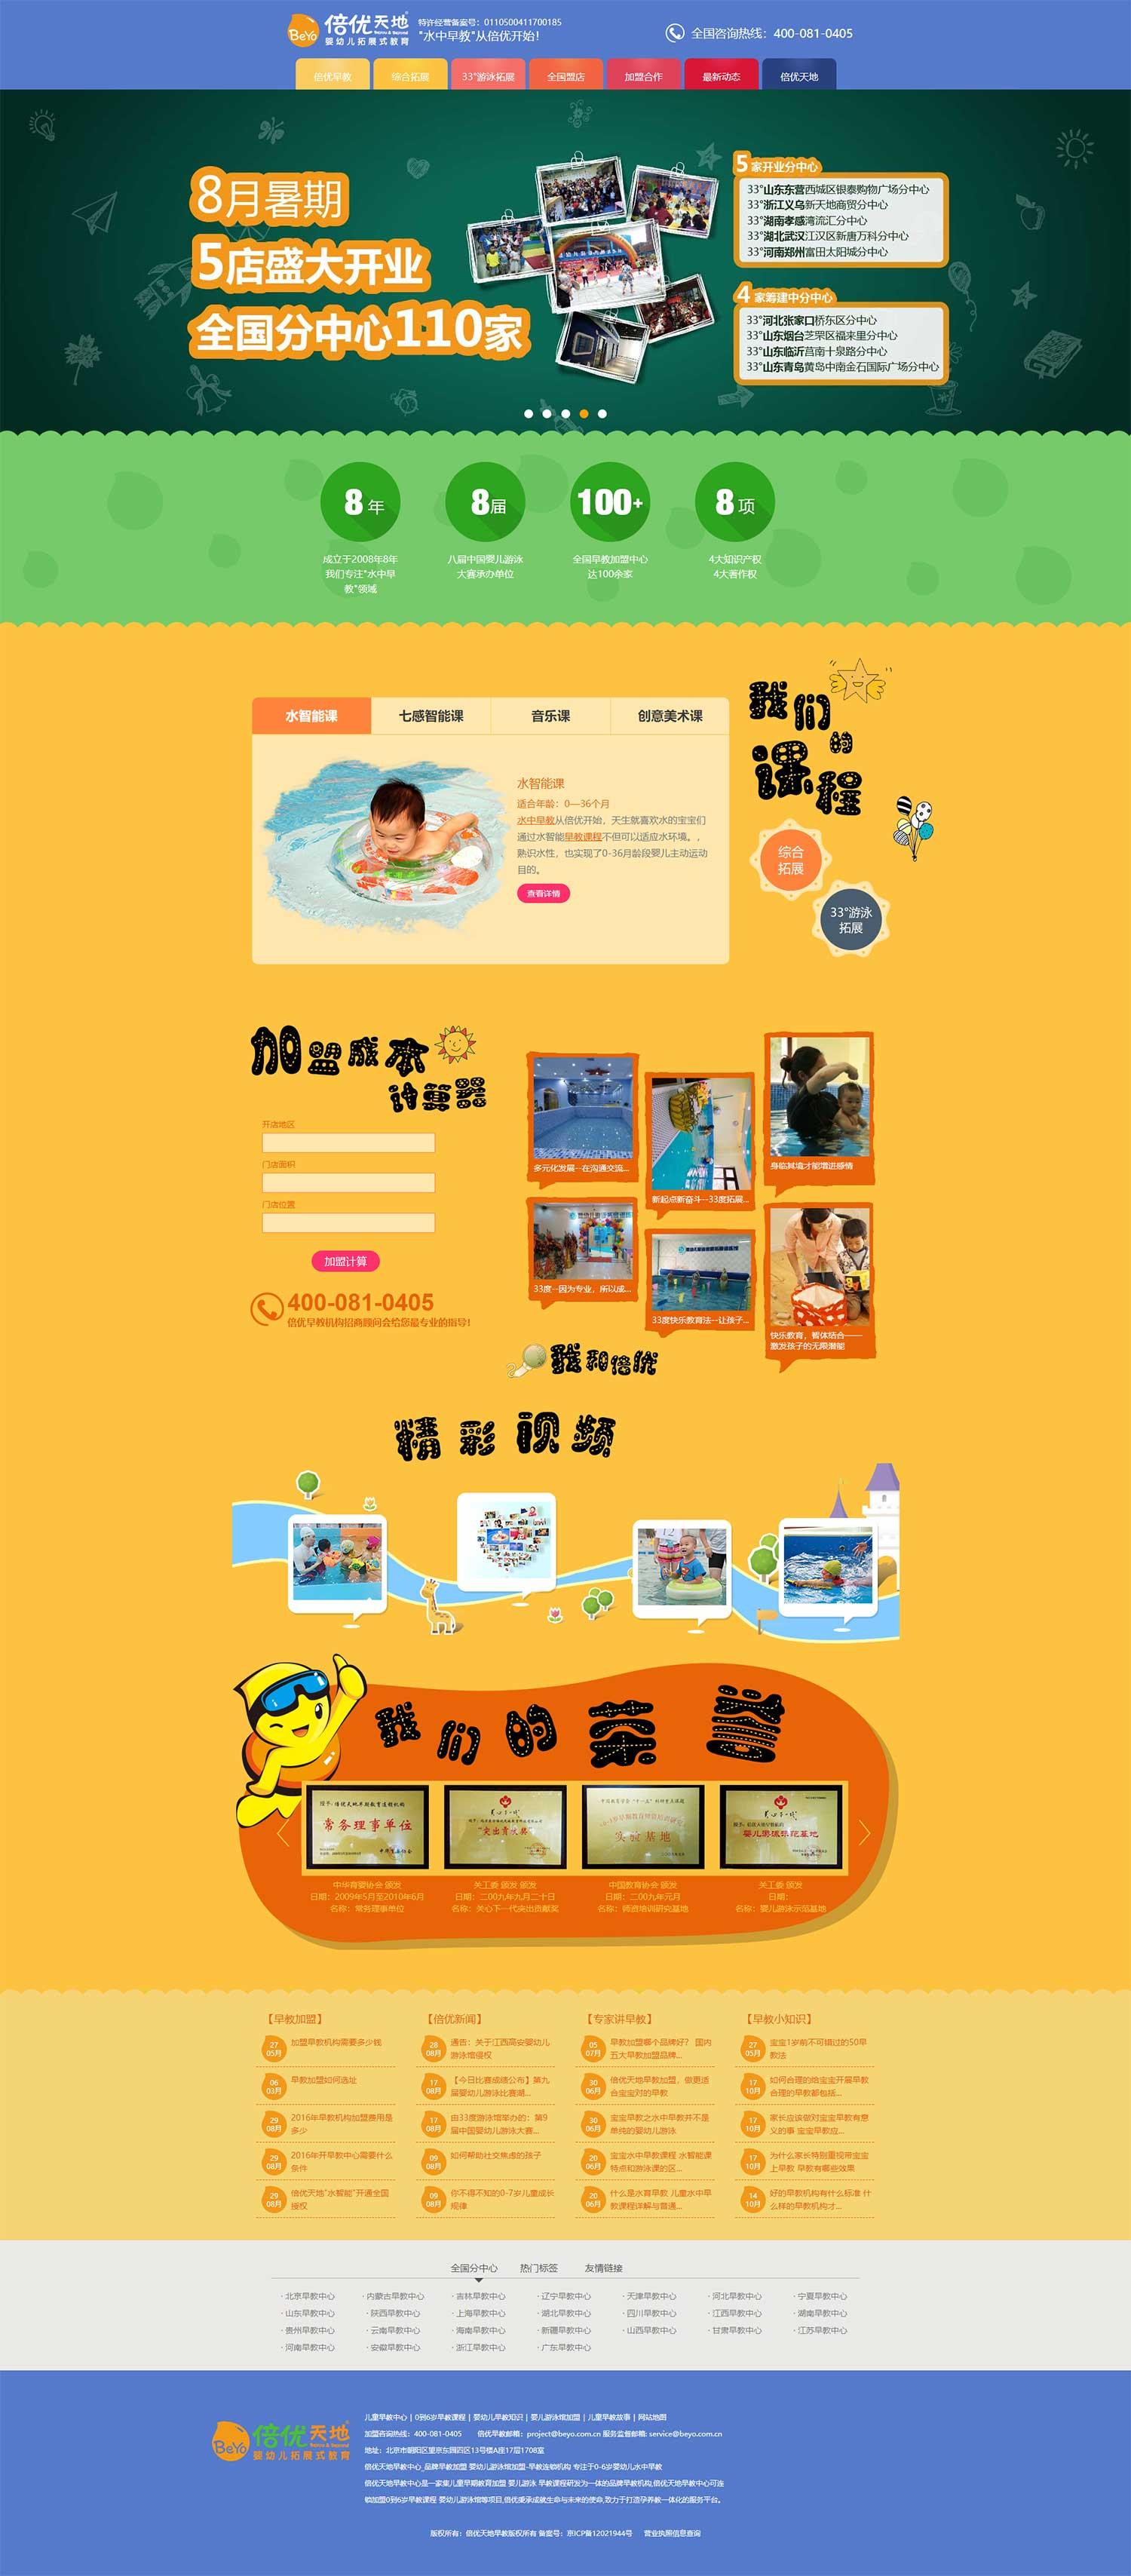 卡通可爱的婴幼儿早教培训机构公司加盟网站html模板